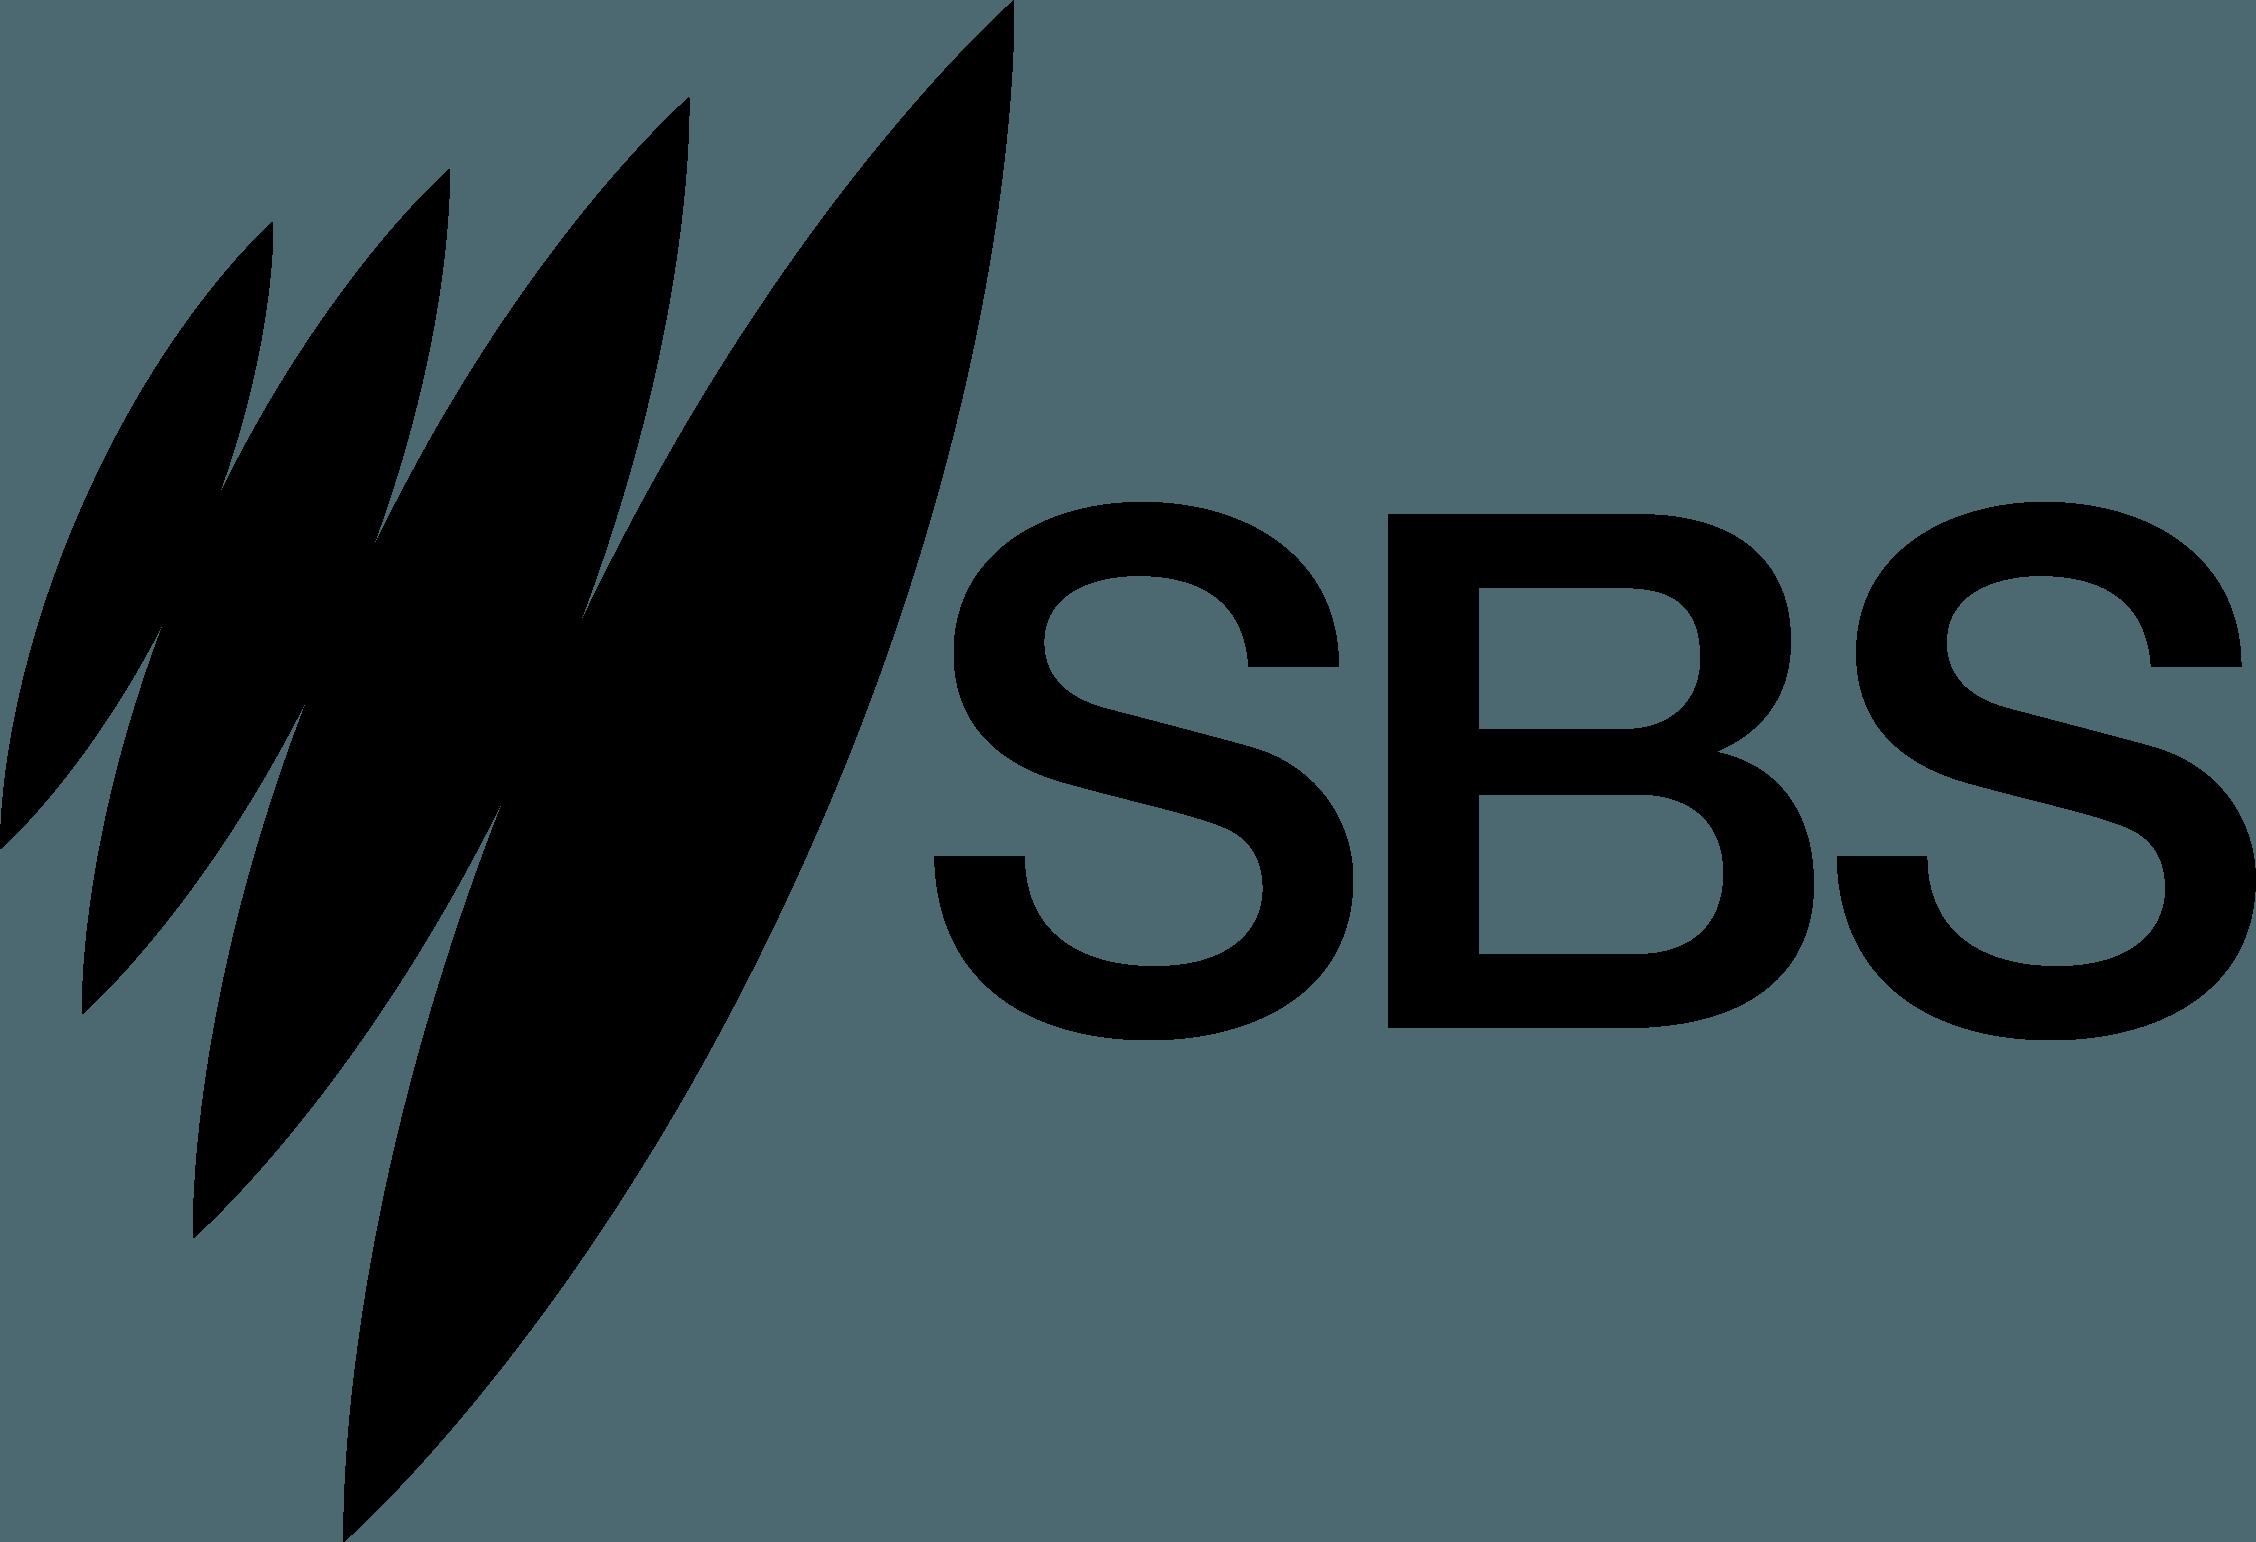 SBS Logo (SBS (Australian TV channel) png